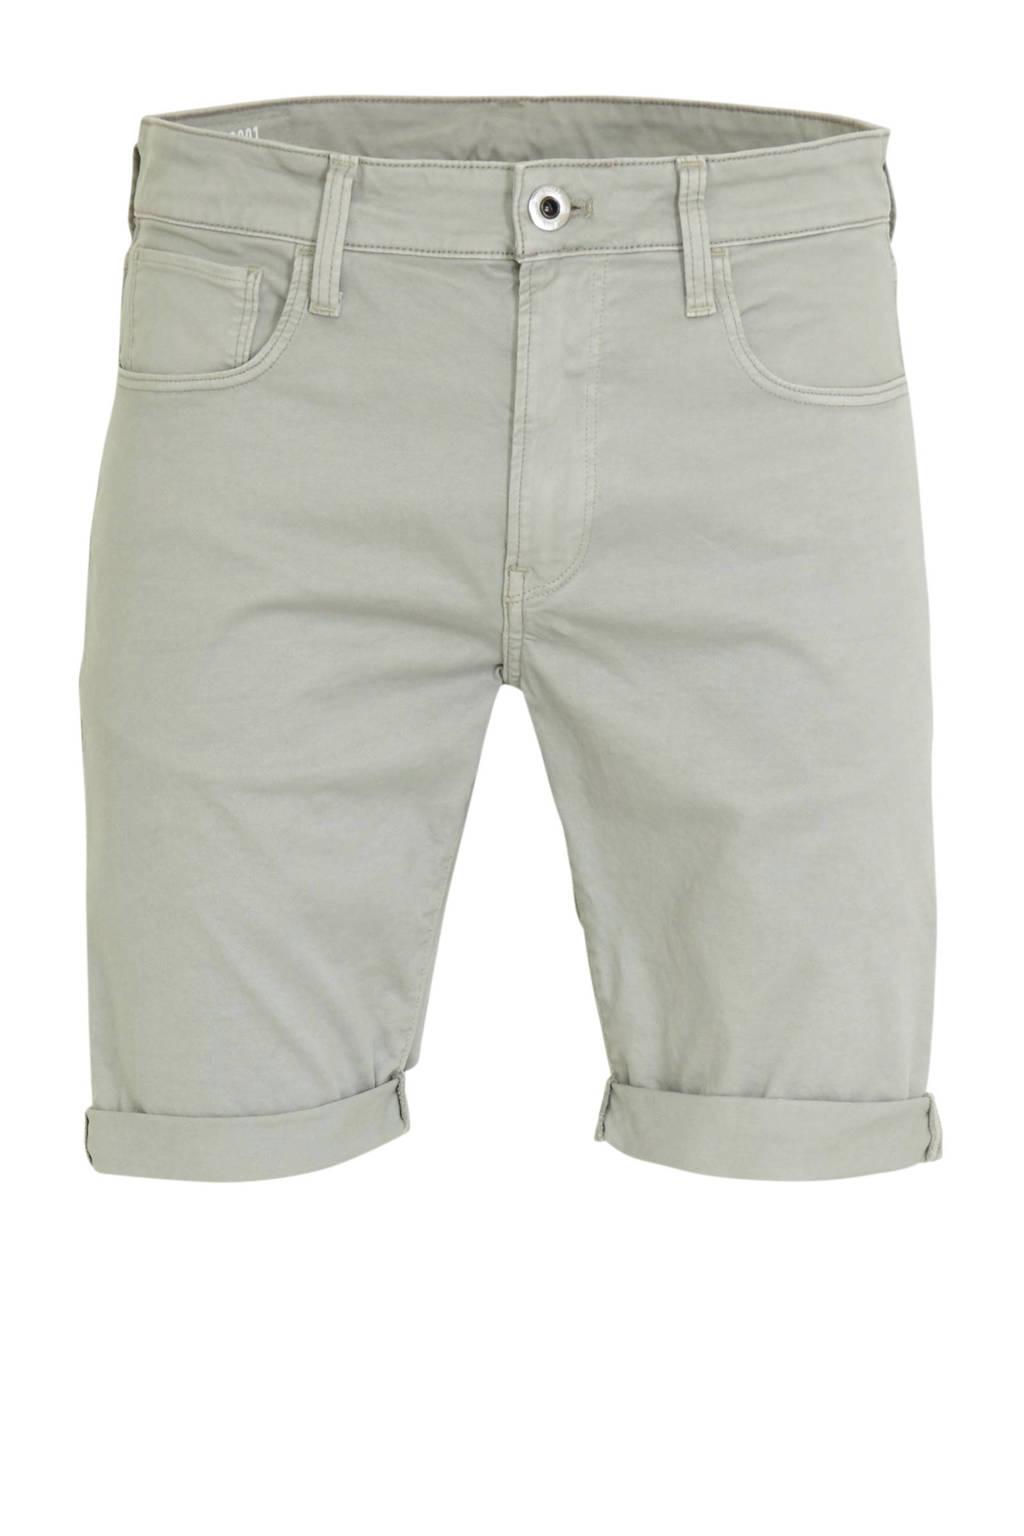 G-Star RAW slim fit jeans short ecru, Ecru